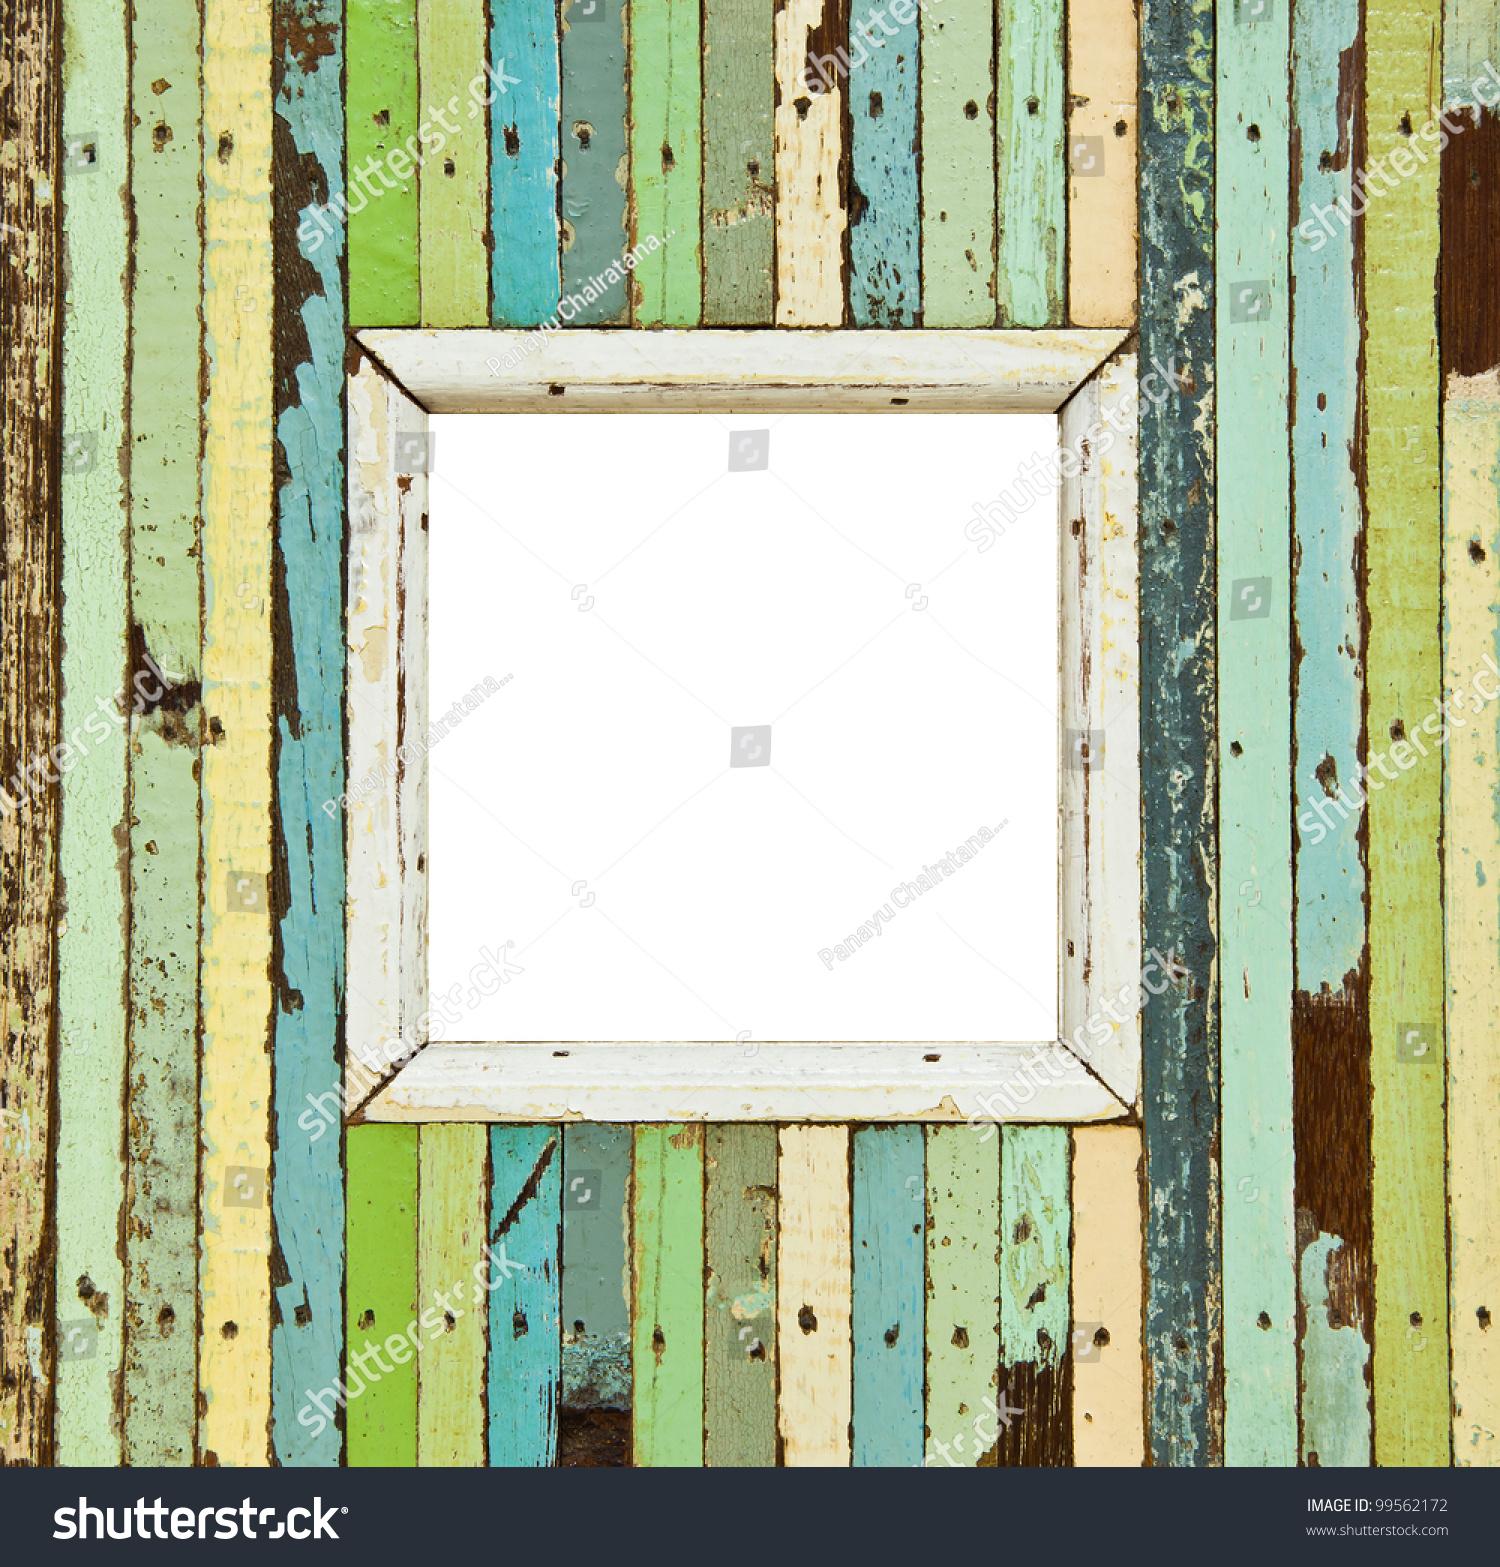 彩色的木制相框的孤立的形象-背景/素材